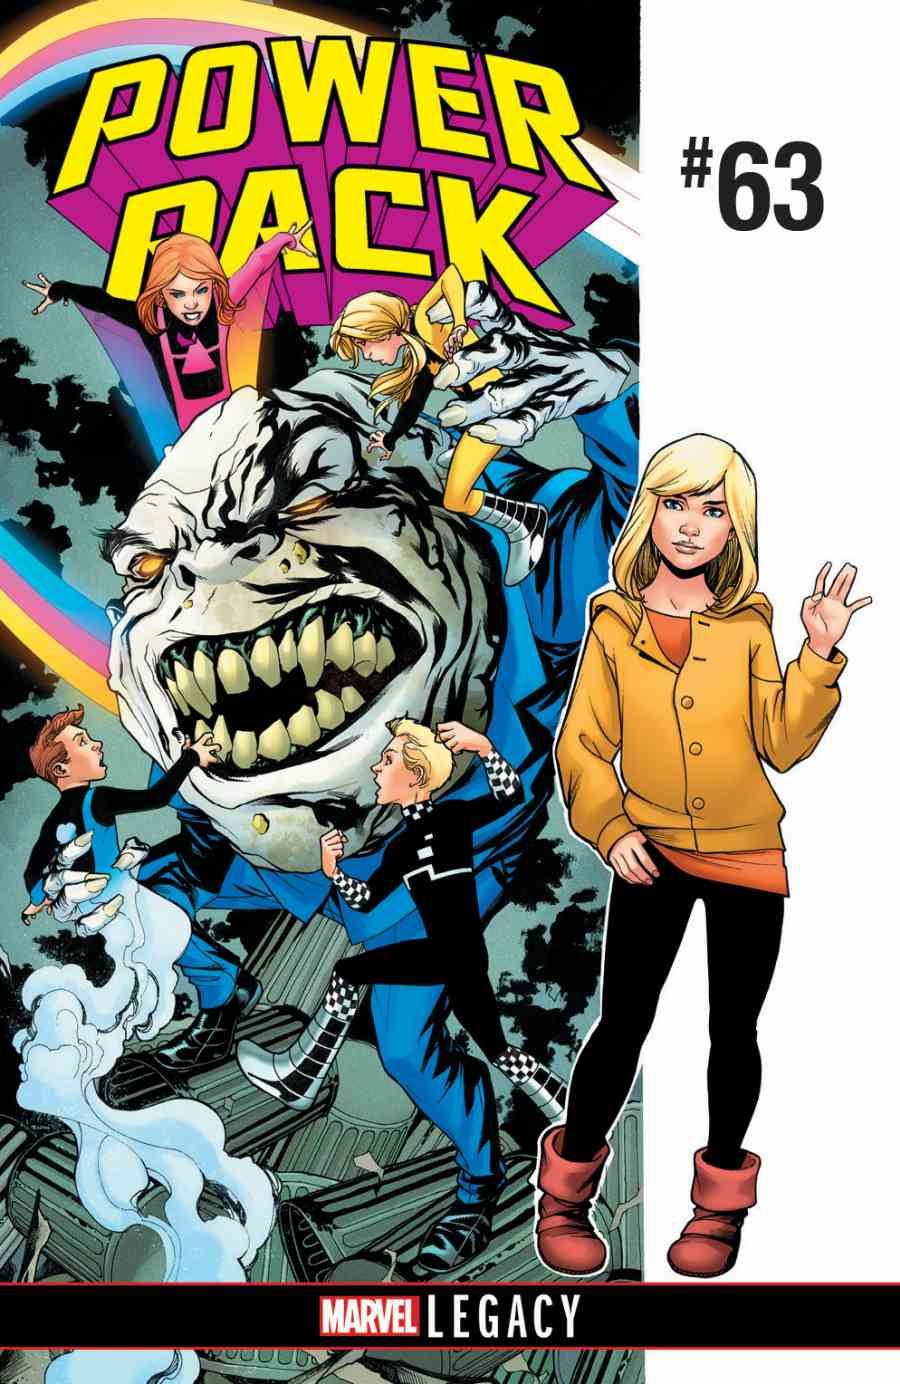 Power Pack 63 Marvel Legacy